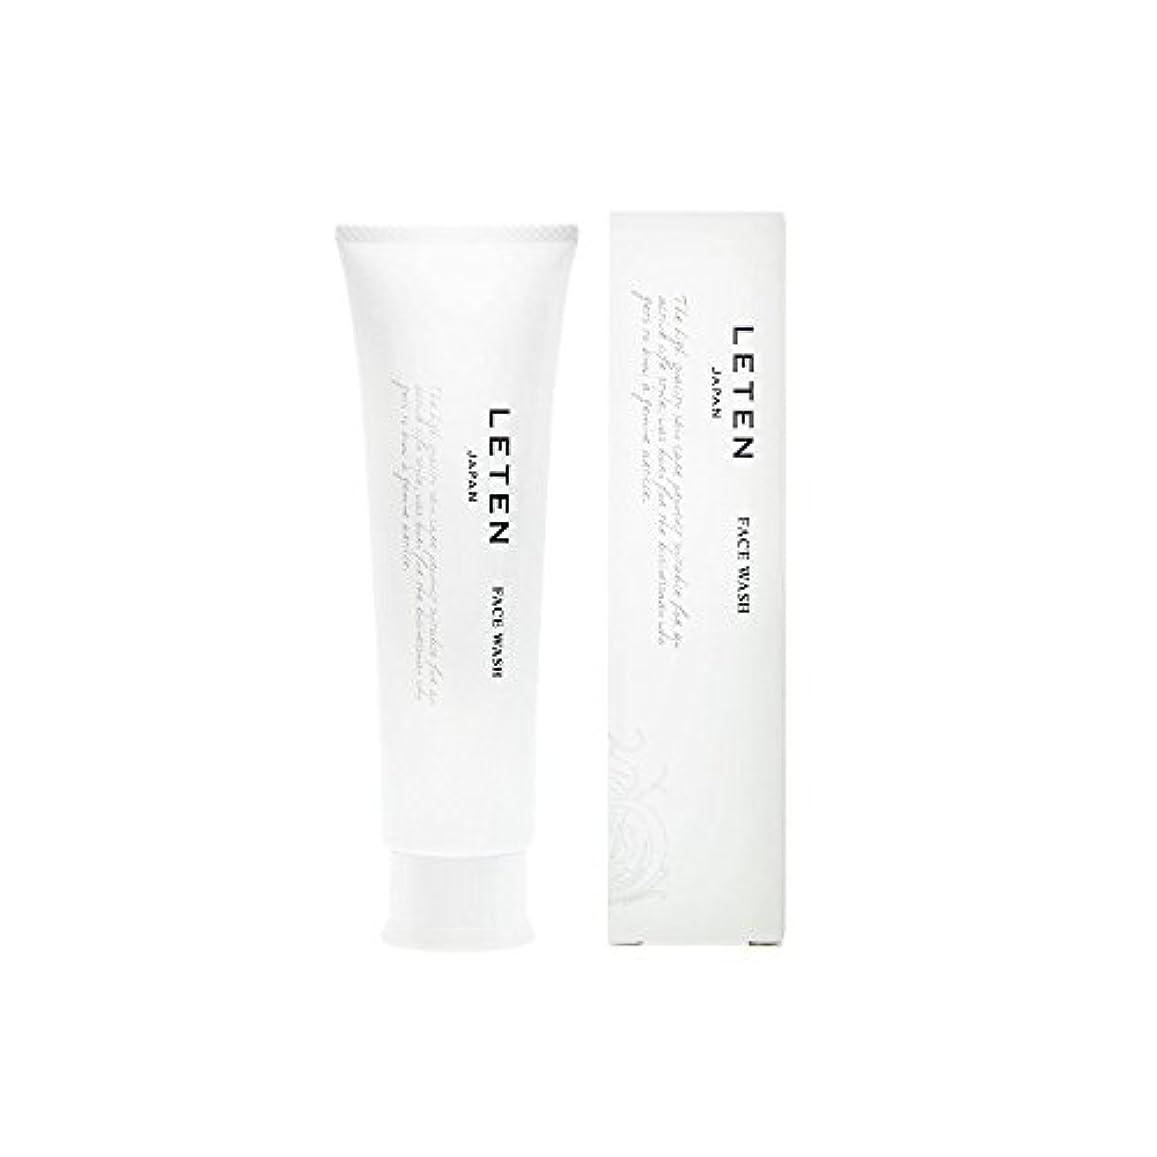 探すウェブ究極のレテン (LETEN) フェイスウォッシュ 100g 洗顔フォーム 洗顔料 敏感肌